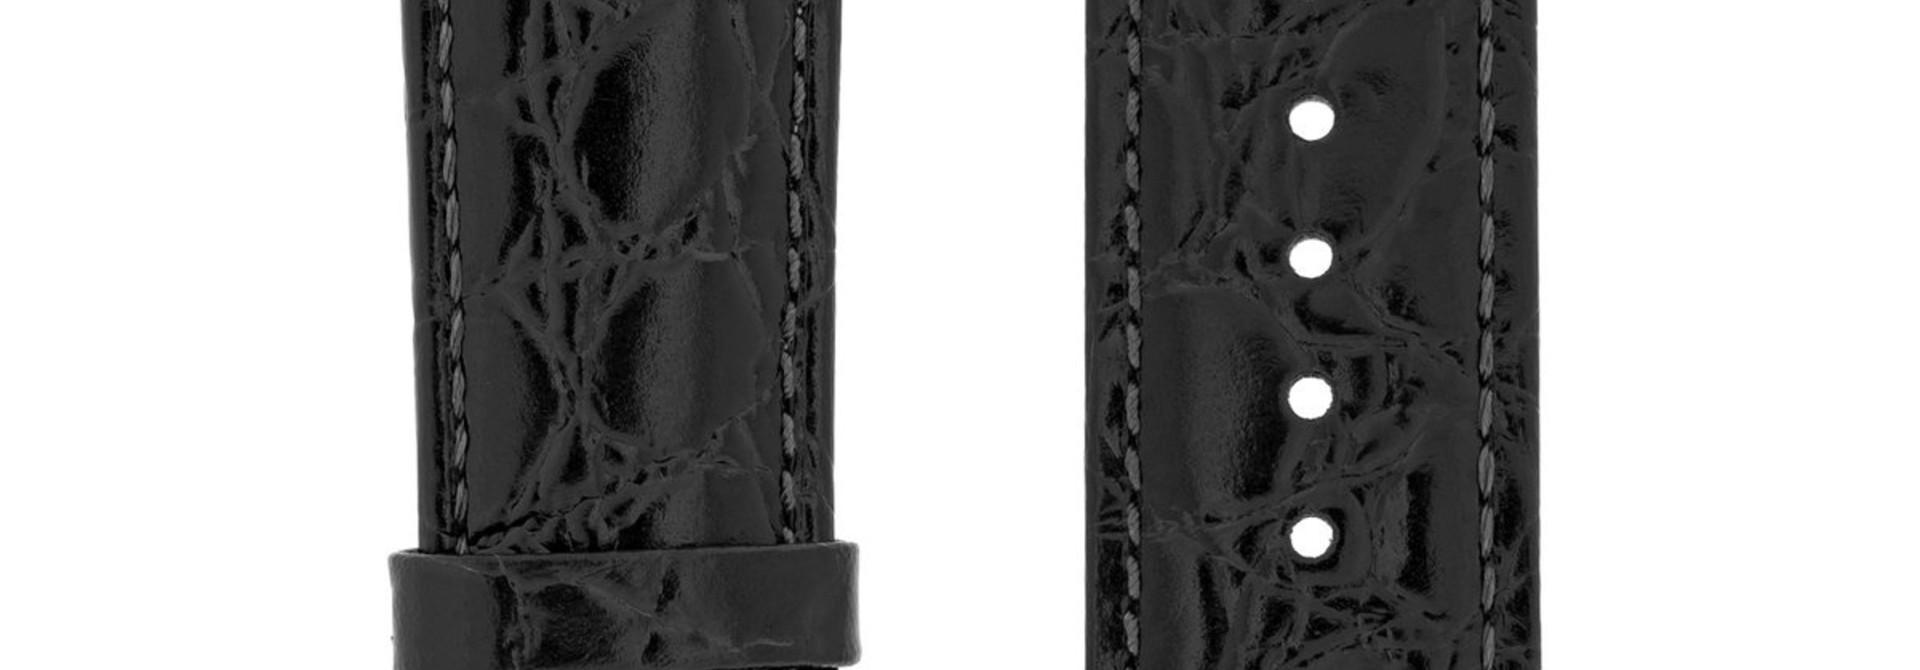 Horlogebandje Crocograin Kalfsleer 08 mm